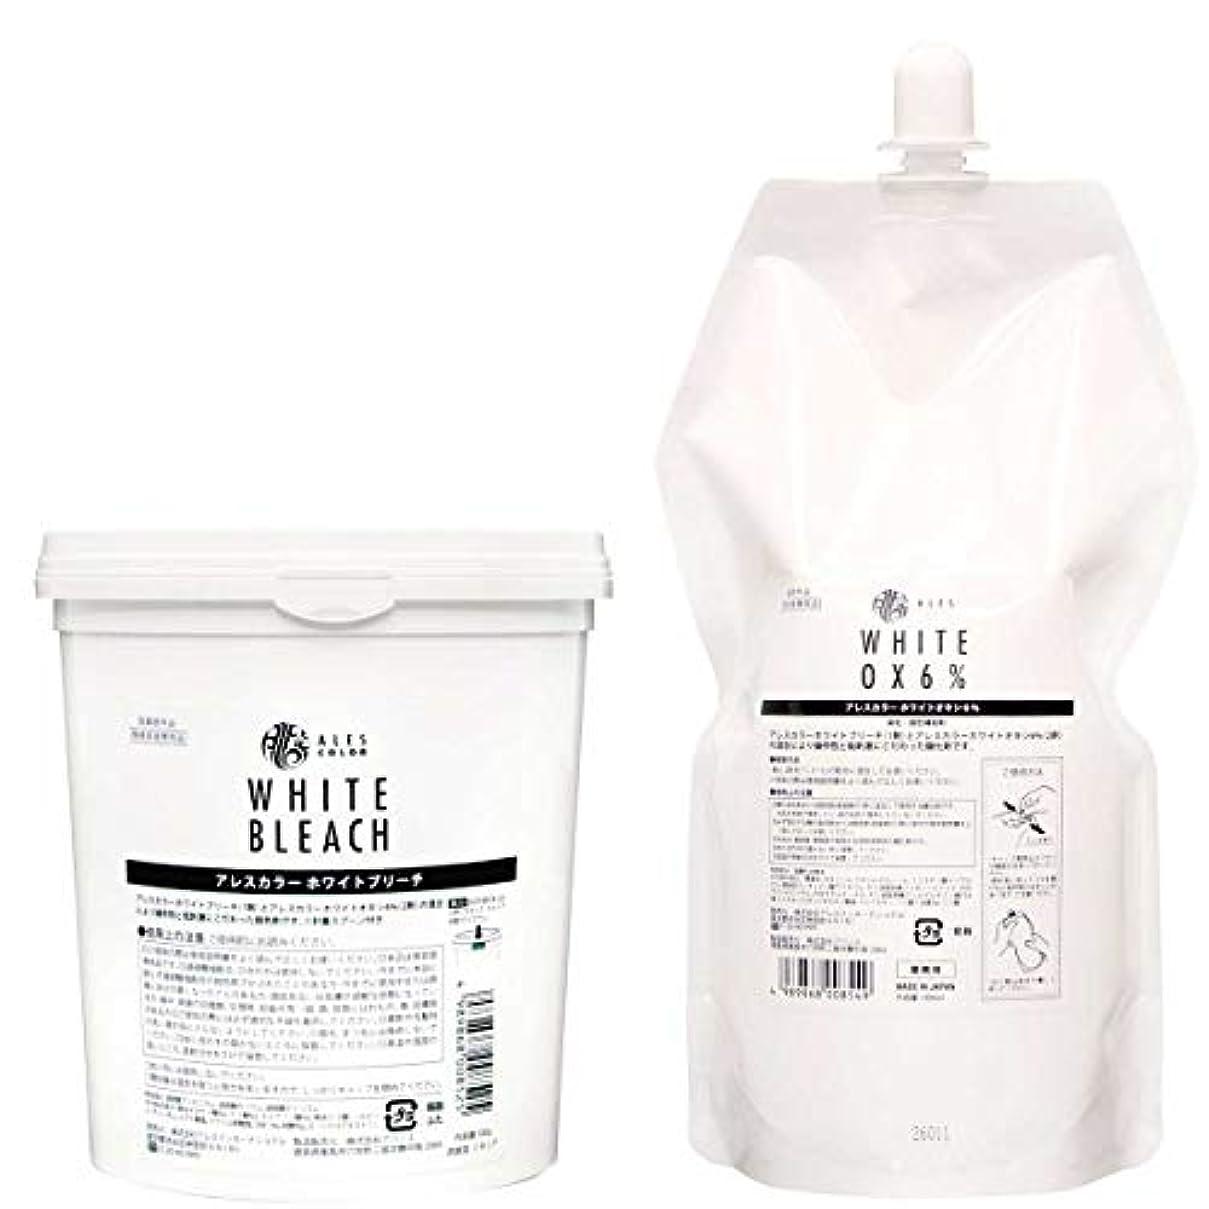 アプライアンス岸ガラガラ【セット】アレスカラー ホワイトブリーチ 500g & ホワイトオキシ6% 1000mL